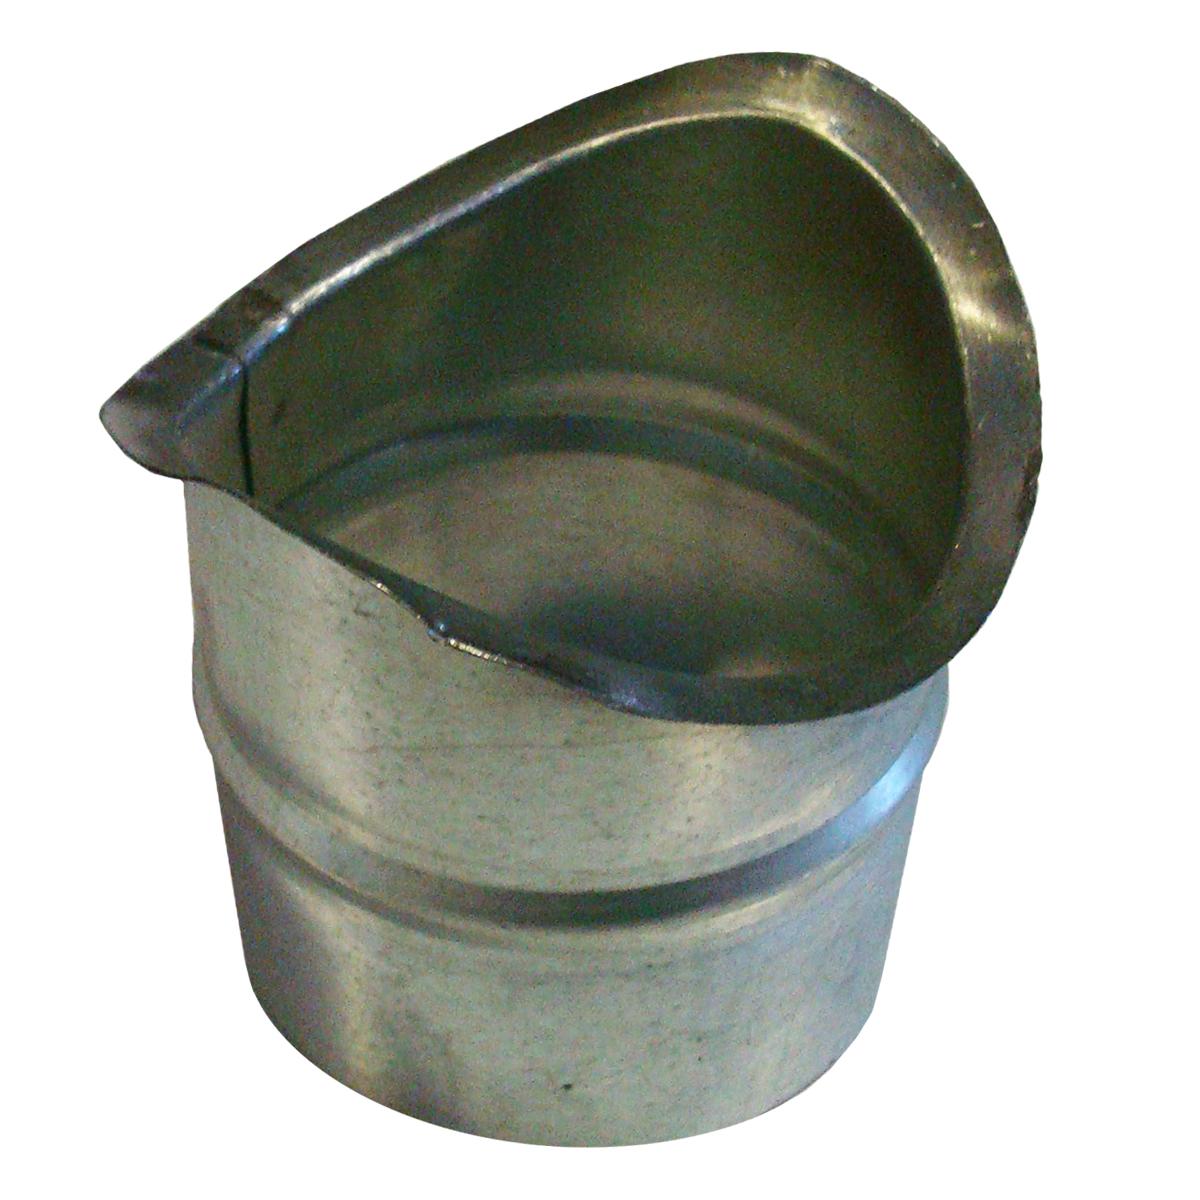 Врезка оцинкованная для круглых стальных воздуховодов d125х125 мм